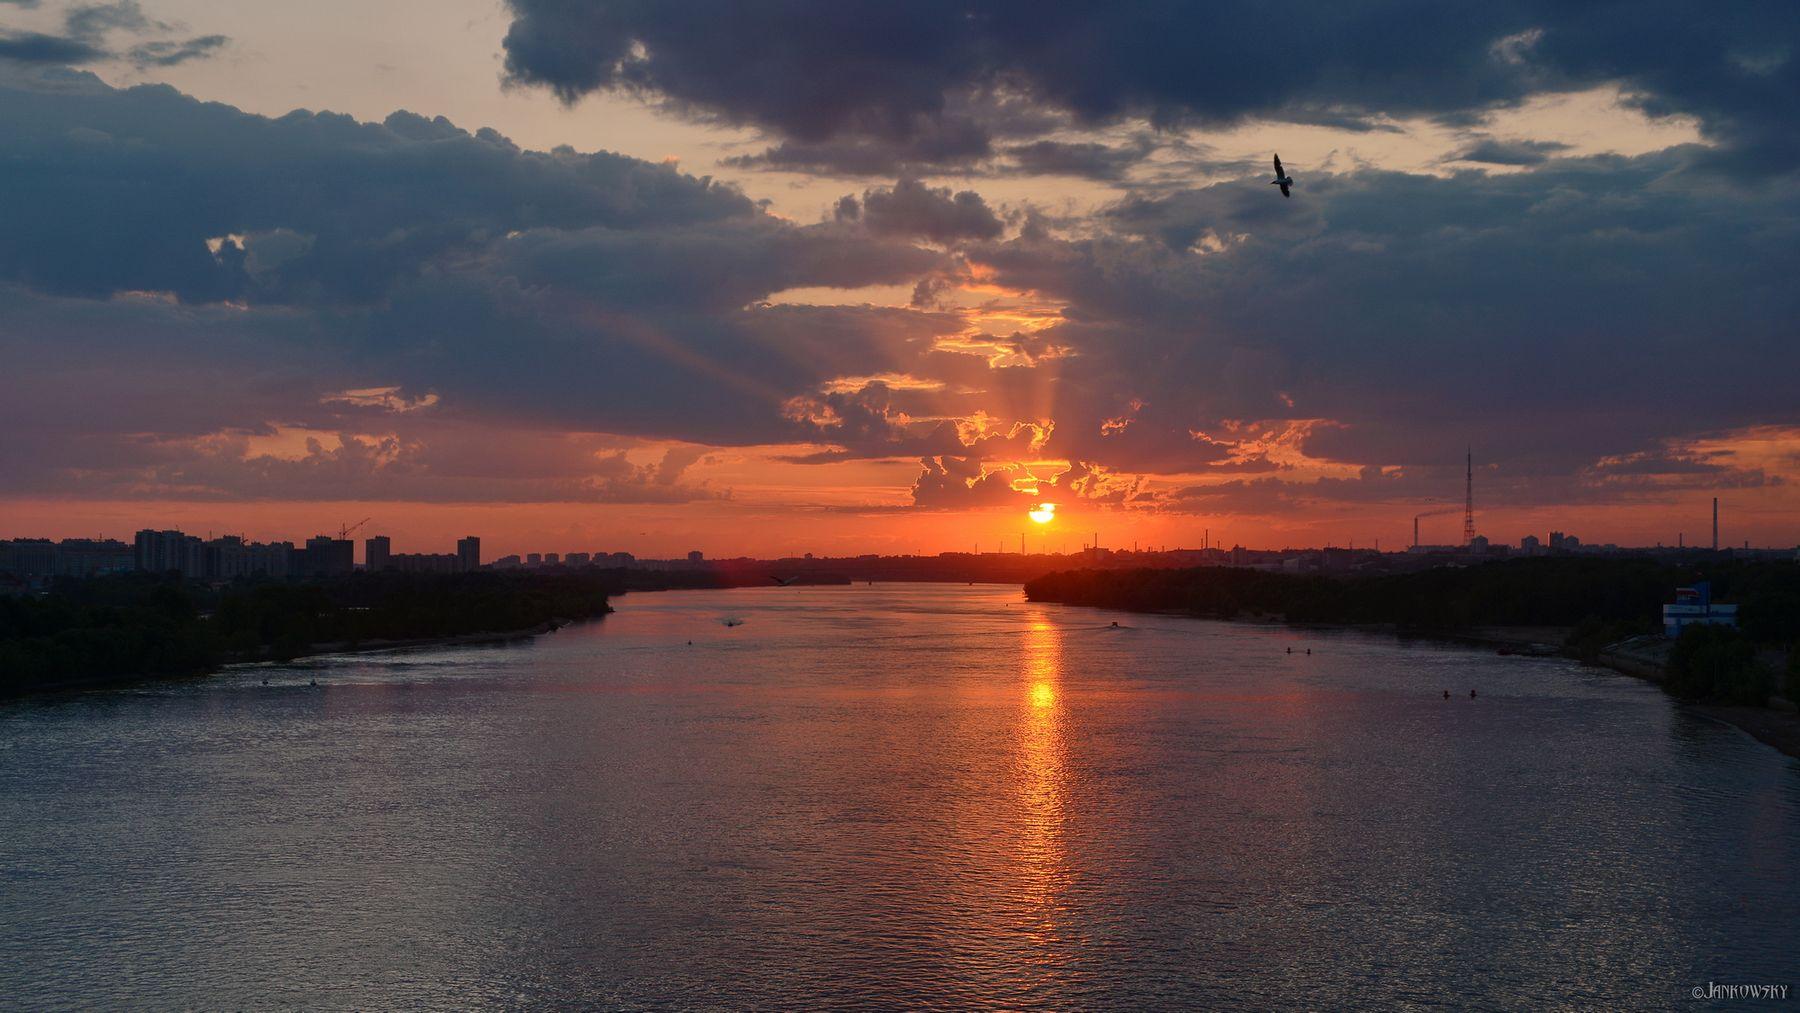 17.06.20 Омск закат омск иртыш отражение блики крест оранжевый tokina 28-80mm метромост